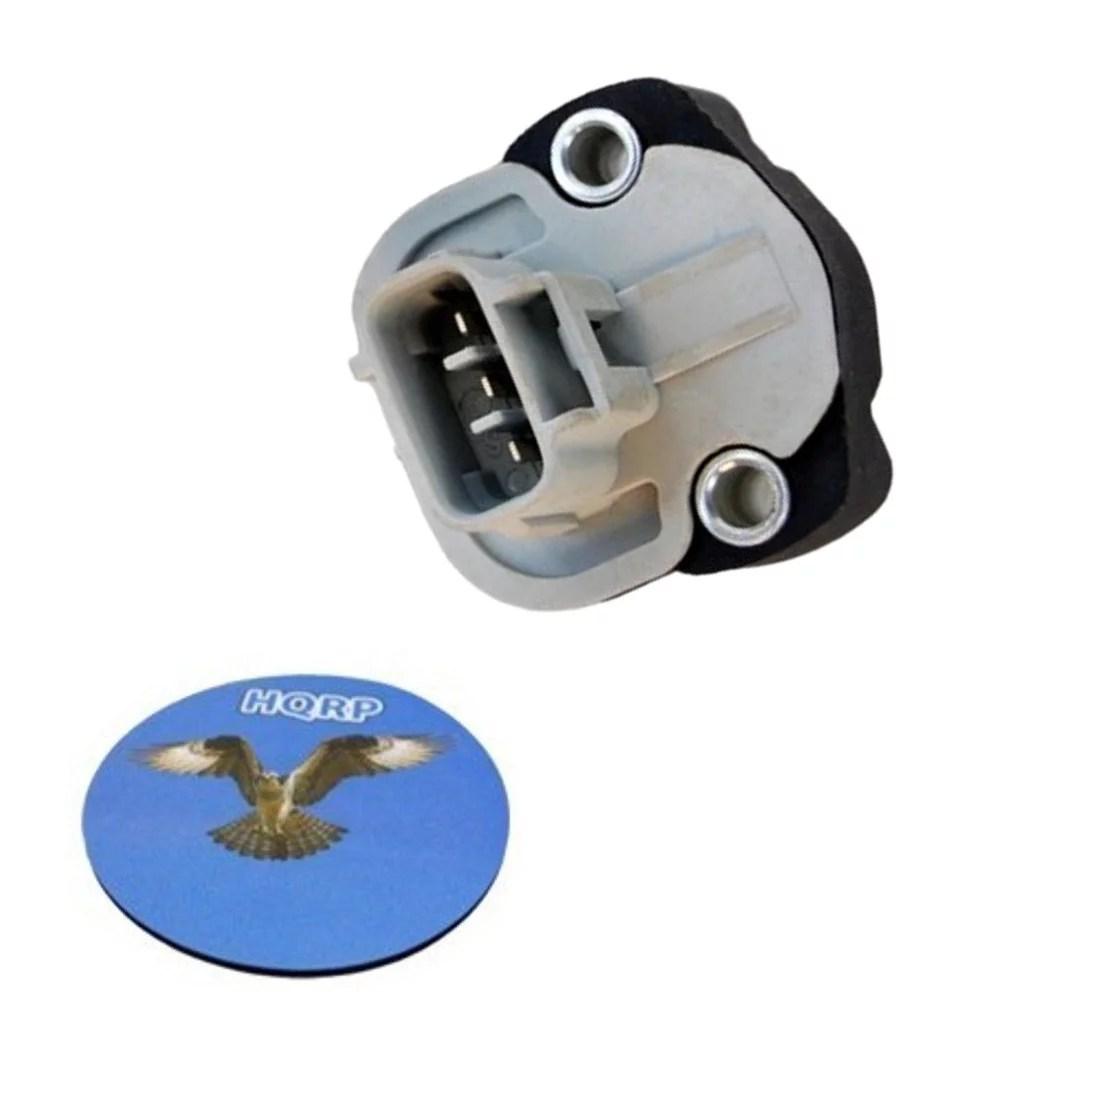 hight resolution of hqrp throttle position sensor tps for dodge durango 98 99 01 02 03 04 05 06 07 1998 1999 2001 2002 2003 2004 2005 2006 2007 hqrp coaster walmart com